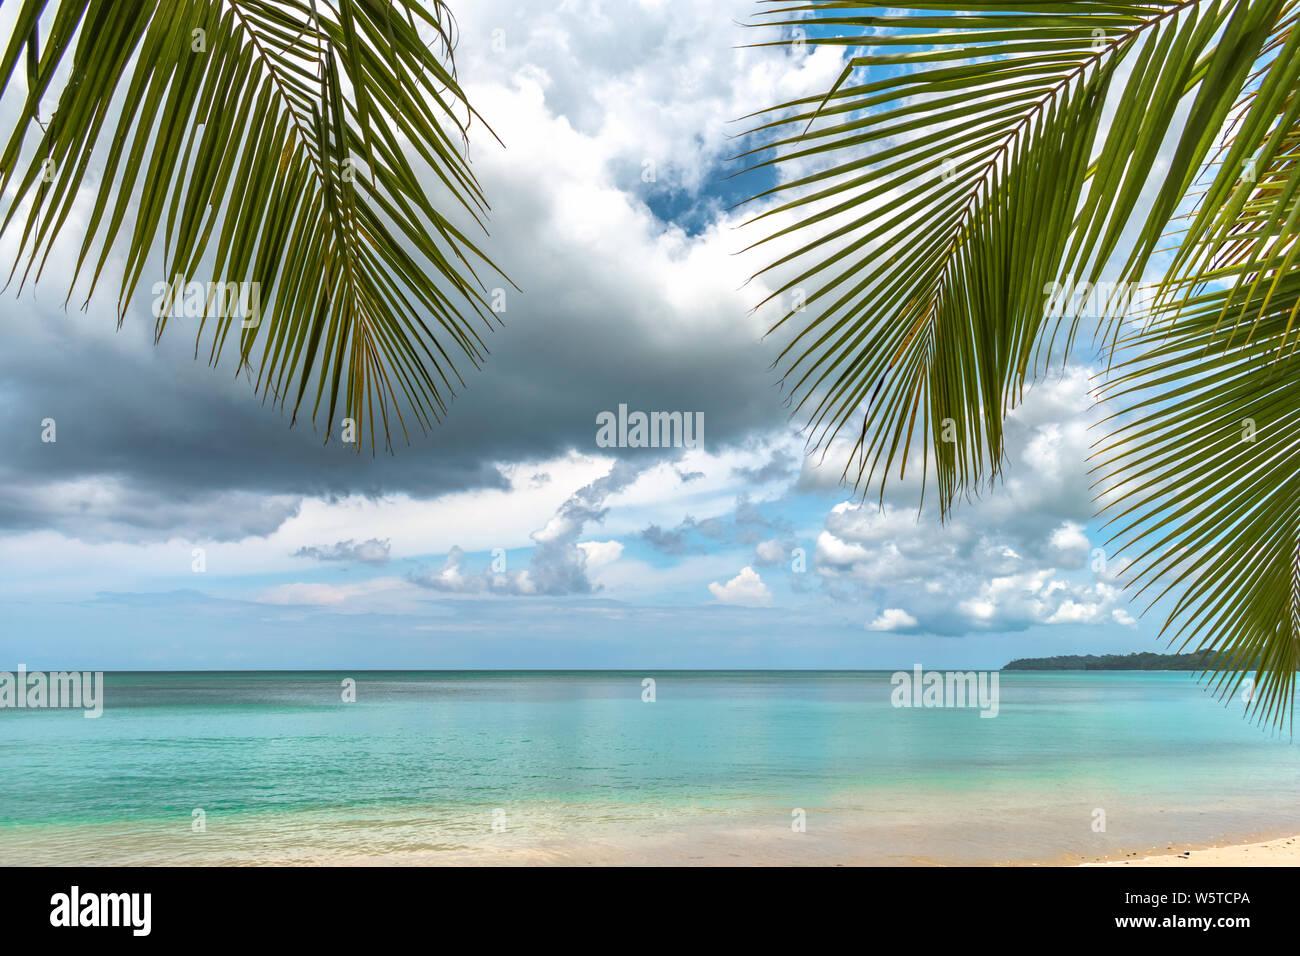 Littoral tranquille tropical de l'île à distance par jour nuageux avec plage vierge naturel avec l'eau peu profonde de couleur turquoise, Horizon dégagé. Banque D'Images